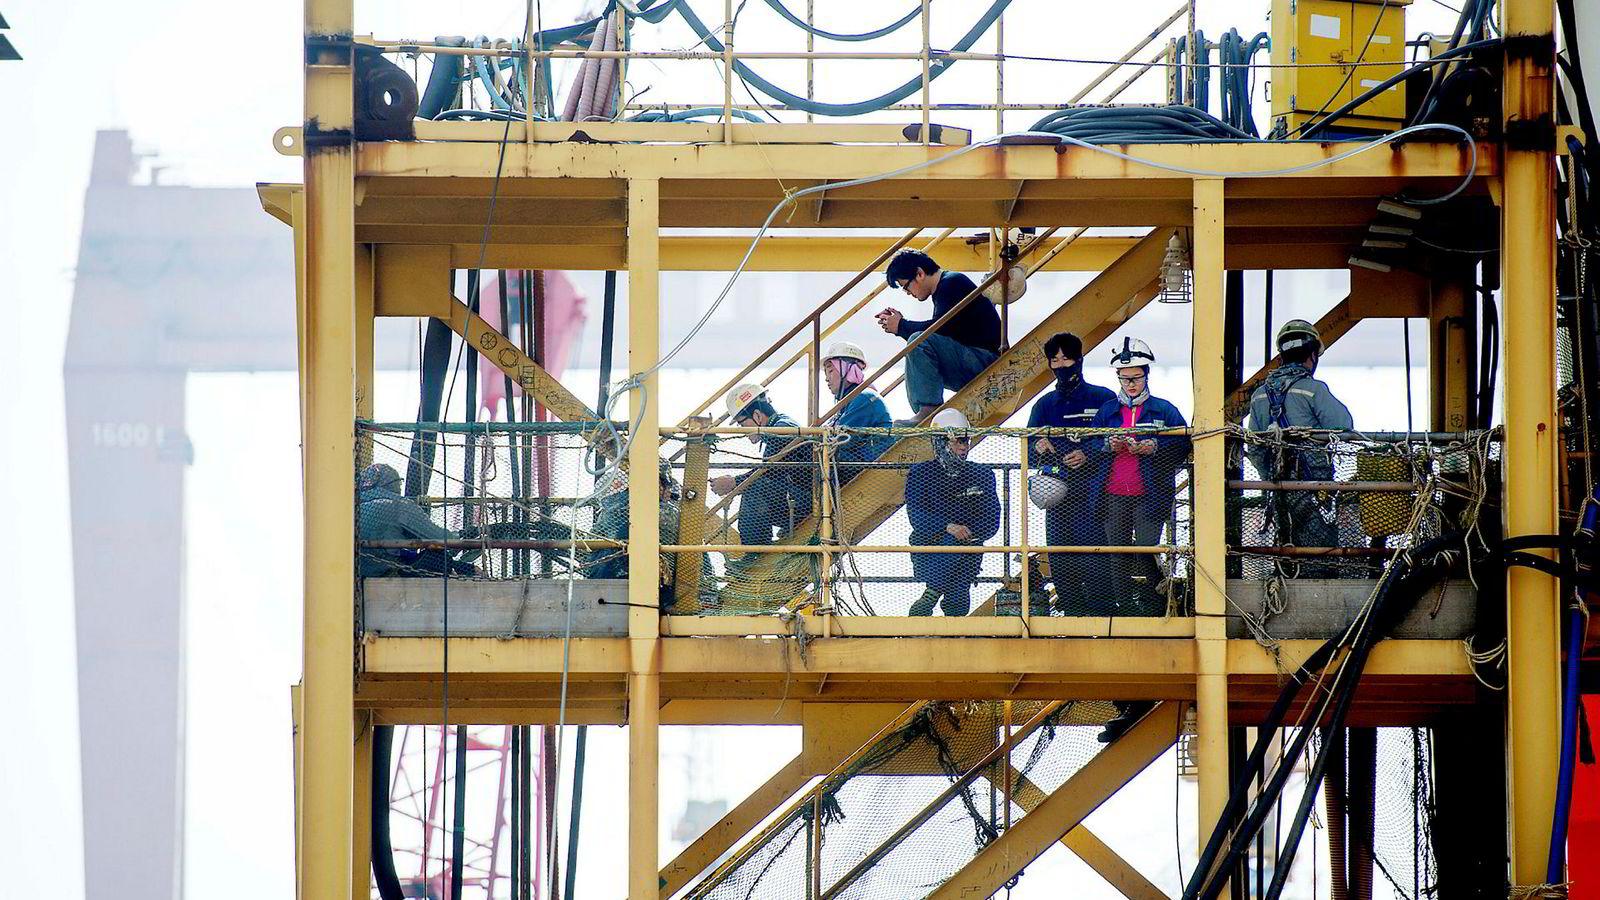 Goliat-plattformen er en av mange norske oljeinnretninger som er bygget ved verft i Sør-Korea de siste årene. Her fra en spisepause blant Goliat-arbeiderne på Hyundai på tampen av 2014.